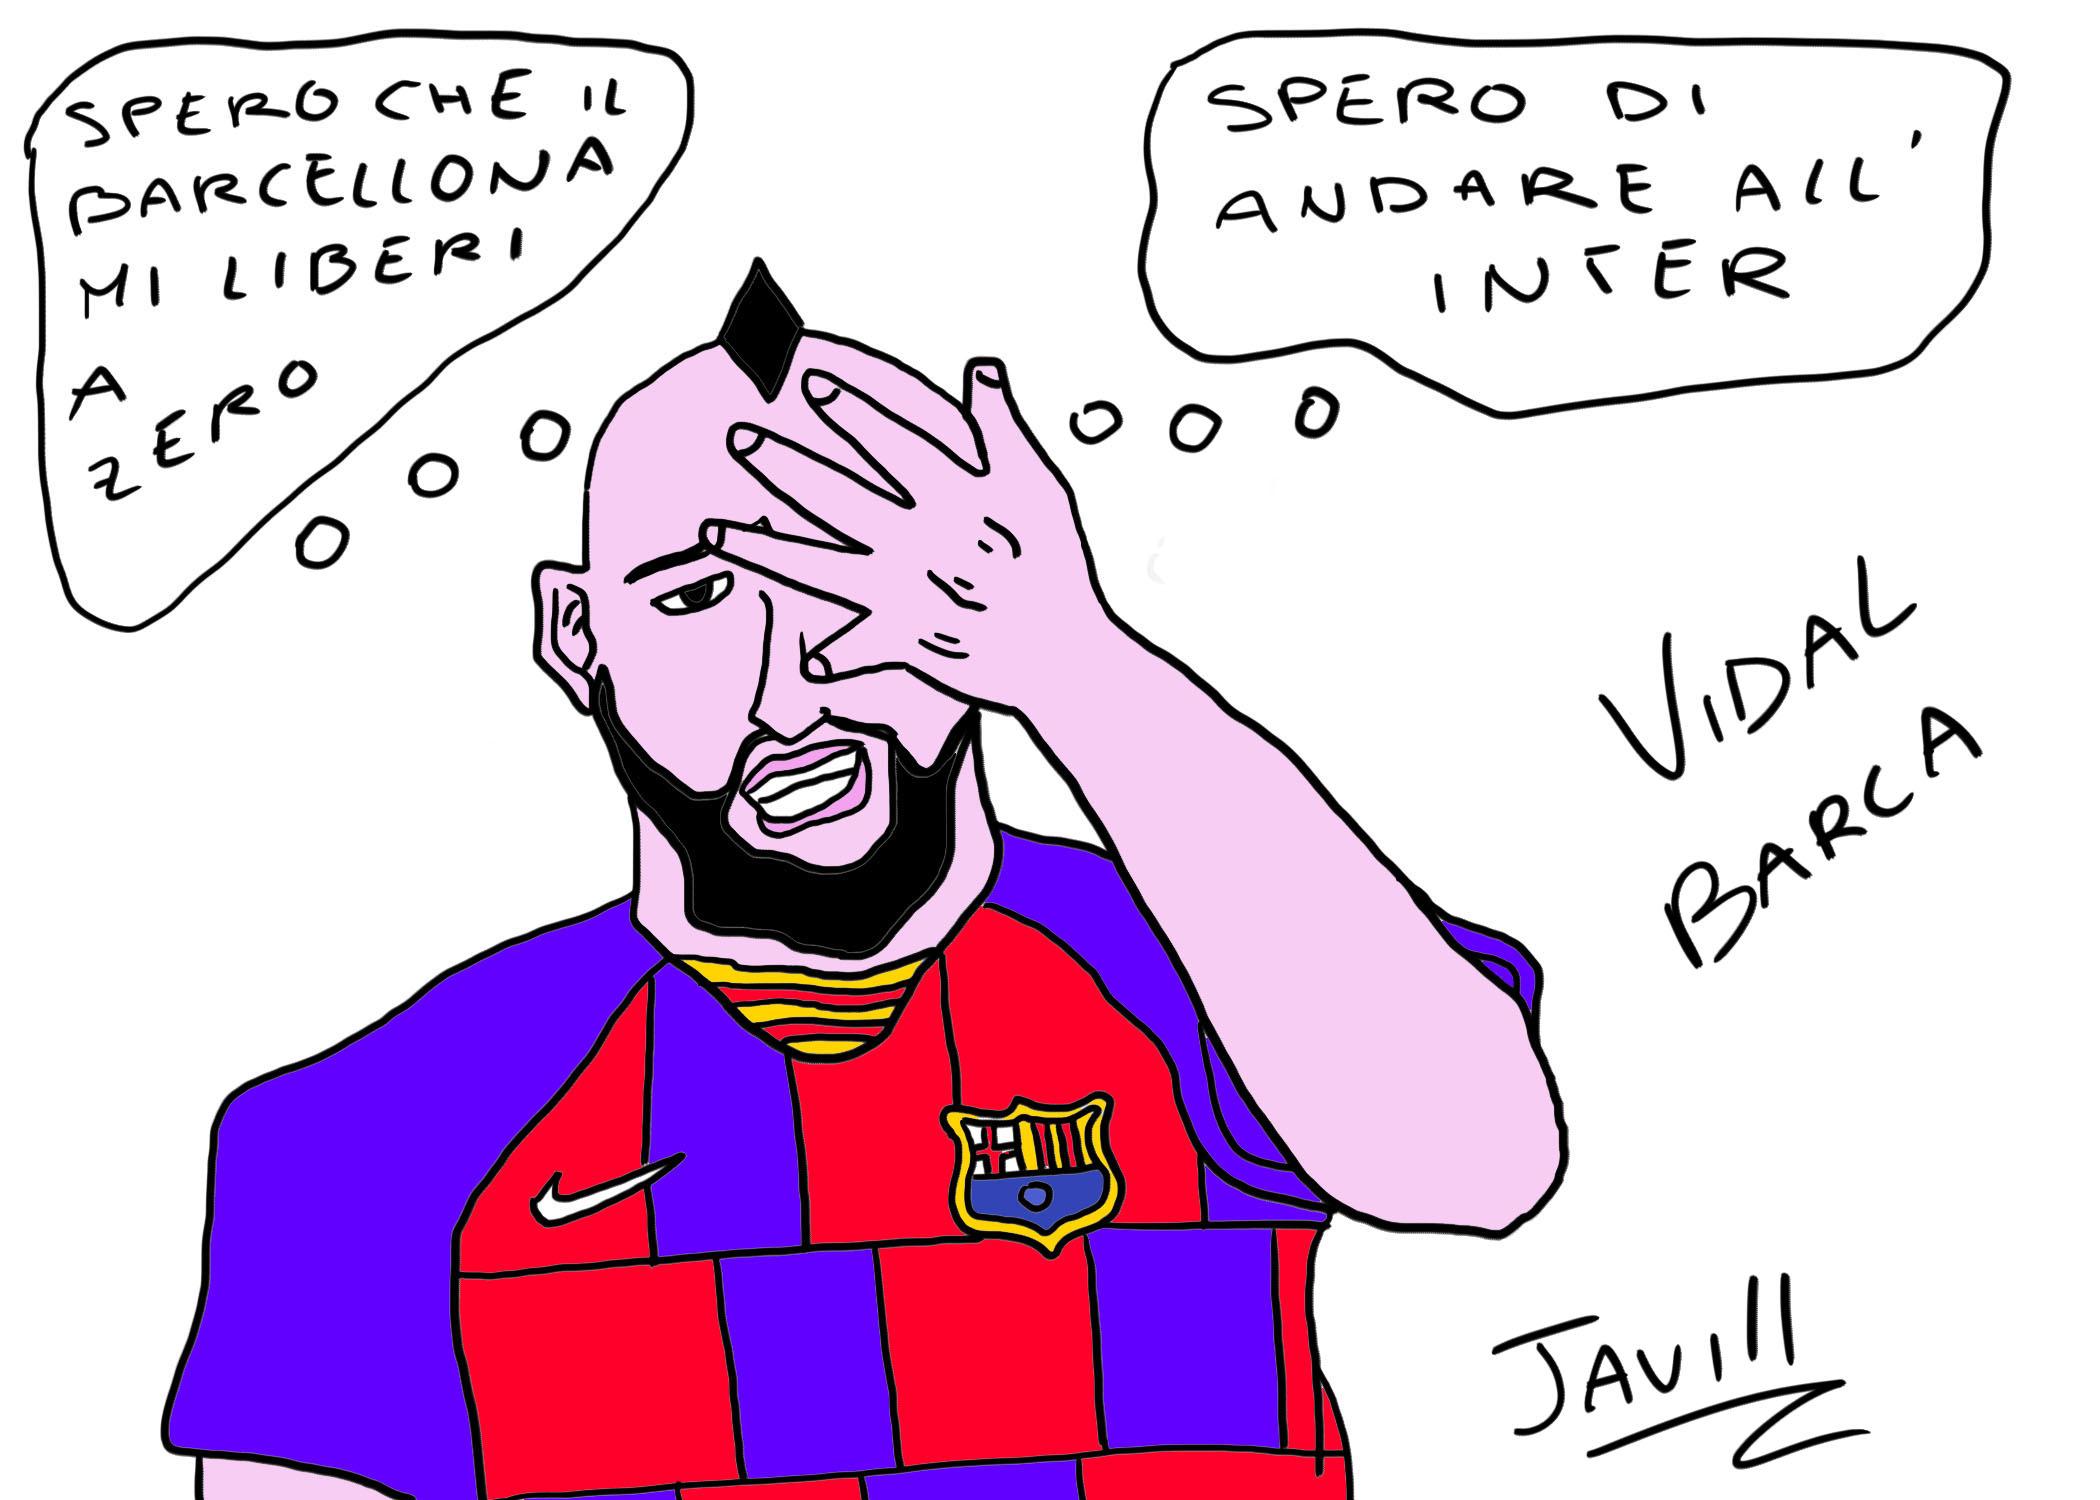 vidal spera all inter gian ok (1)